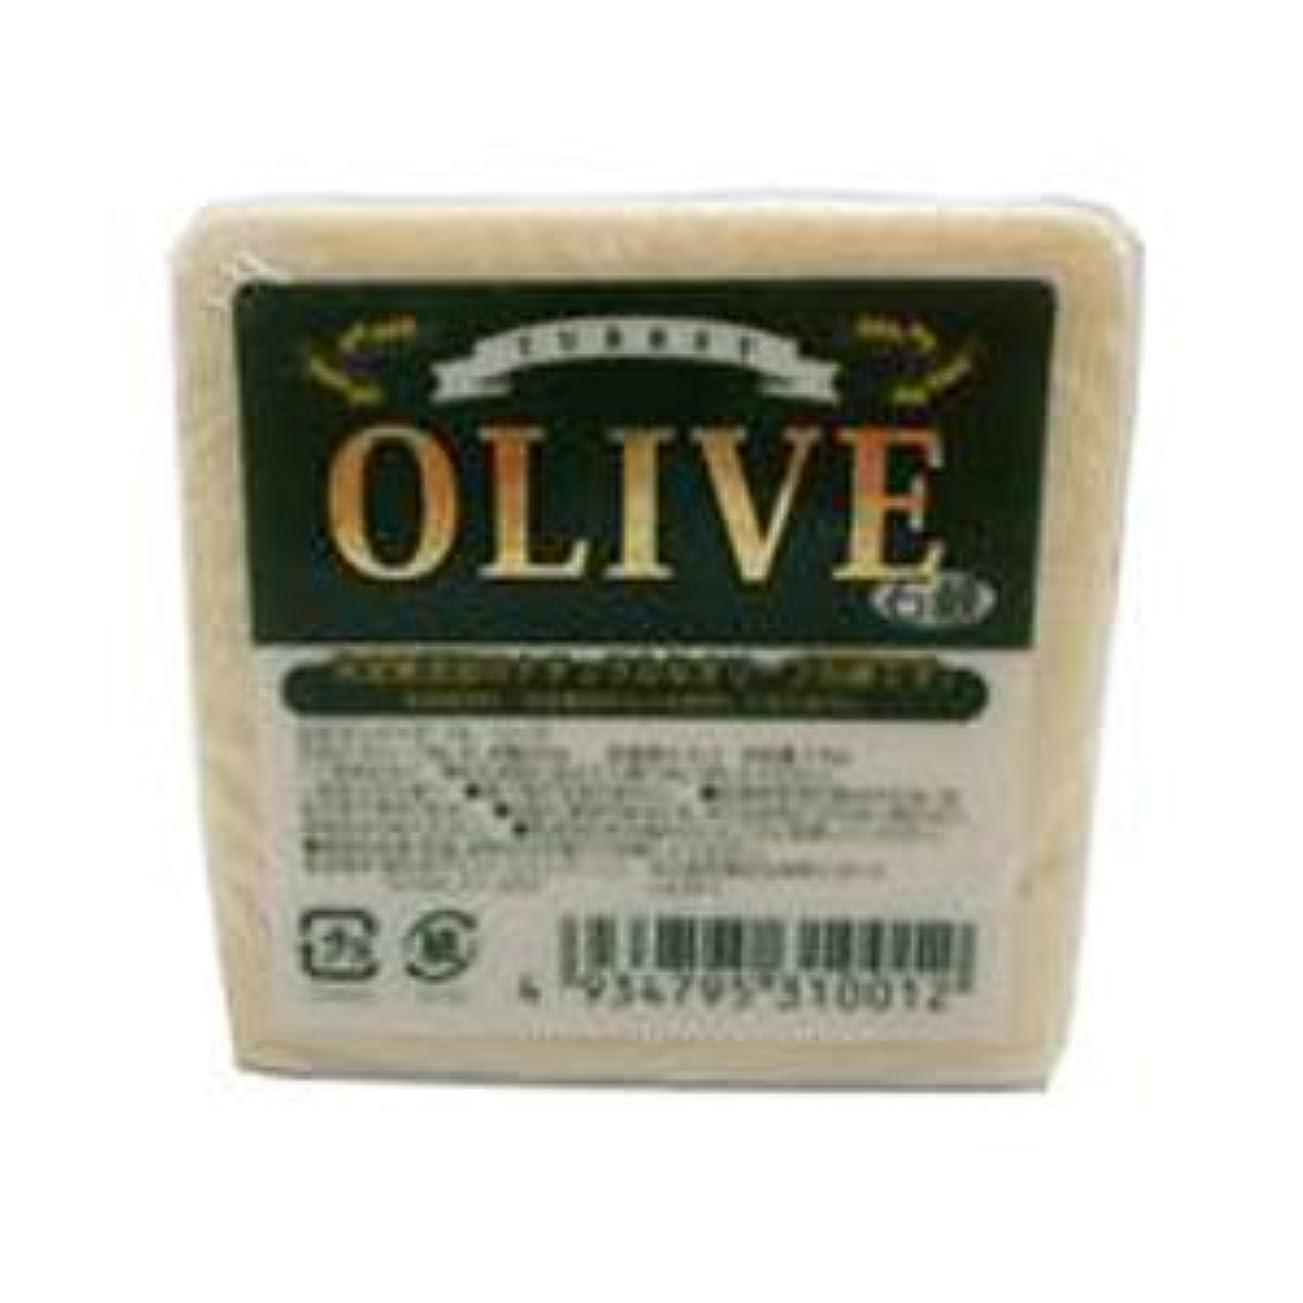 ストレッチコロニアル誓約お得な5個セット トルコ産オリーブを使用した無添加石鹸 ターキーオリーブ石鹸 135g